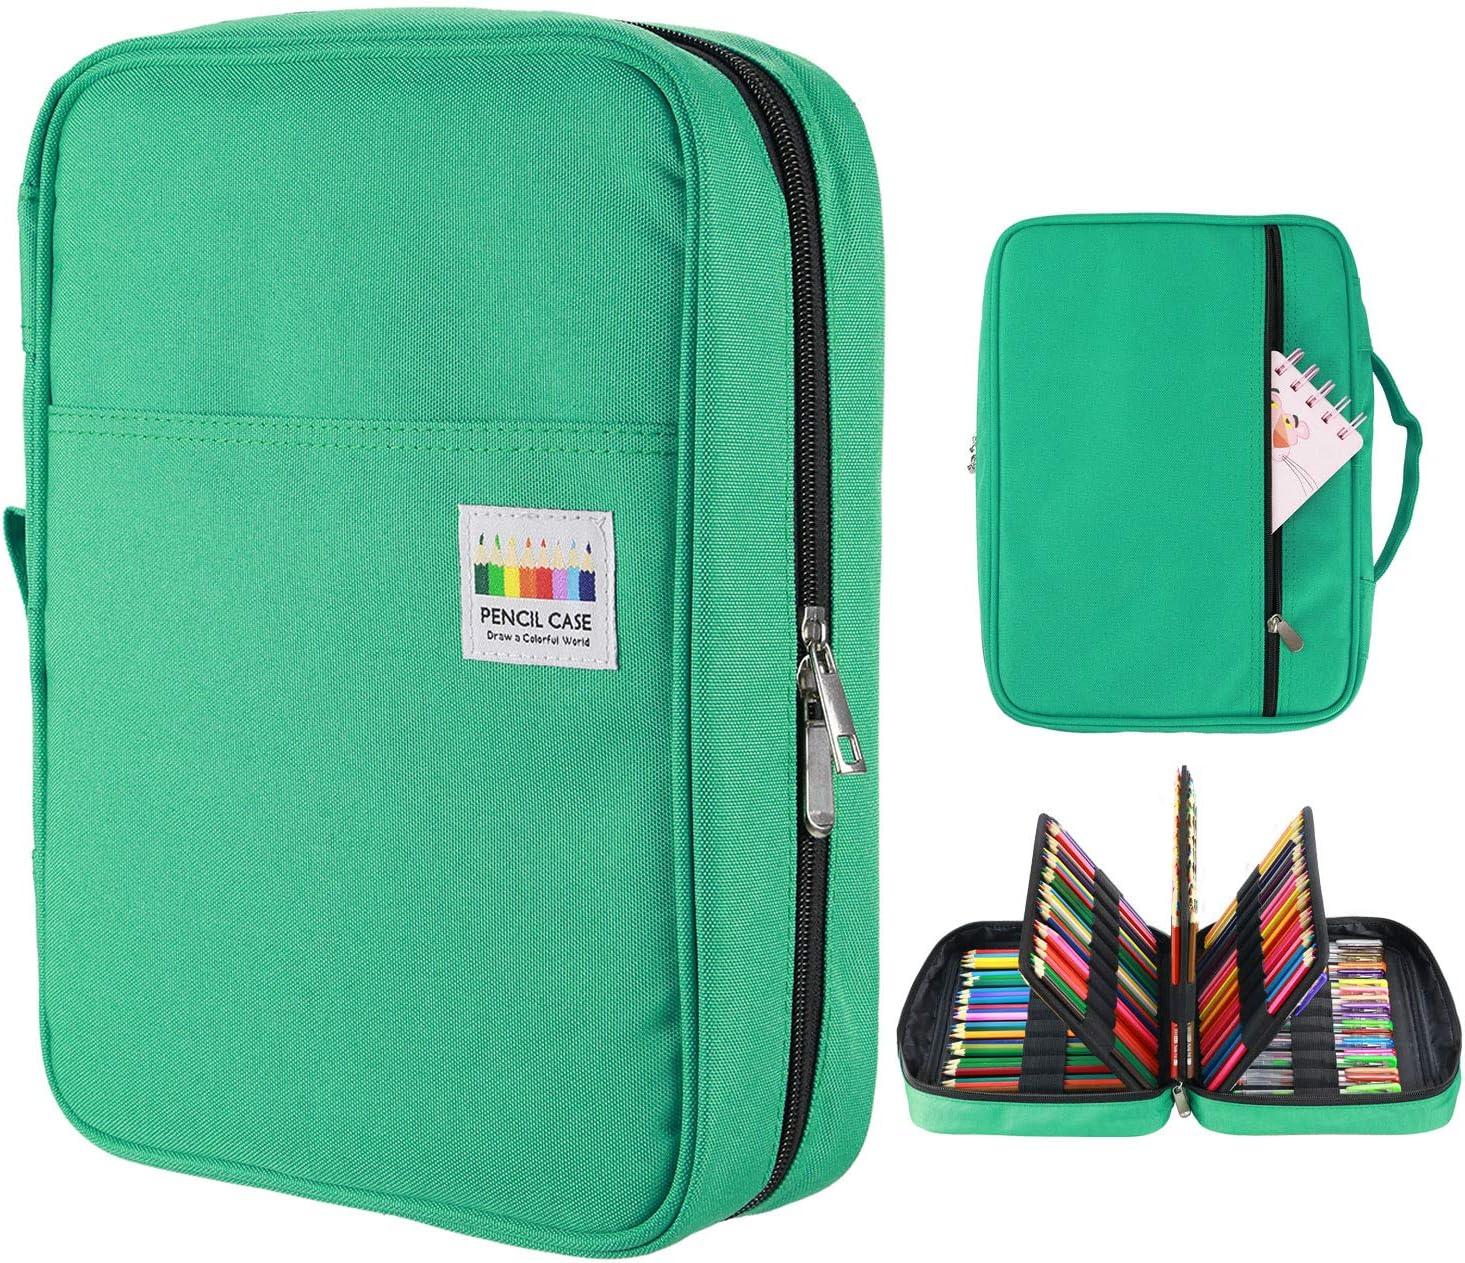 YOUSHARES 220 Slots couleur /étui /à crayons Handy multicouche couleur crayon porte pour paillettes Vert 145 Slots gel stylos FO Coloriage organisateur de cas